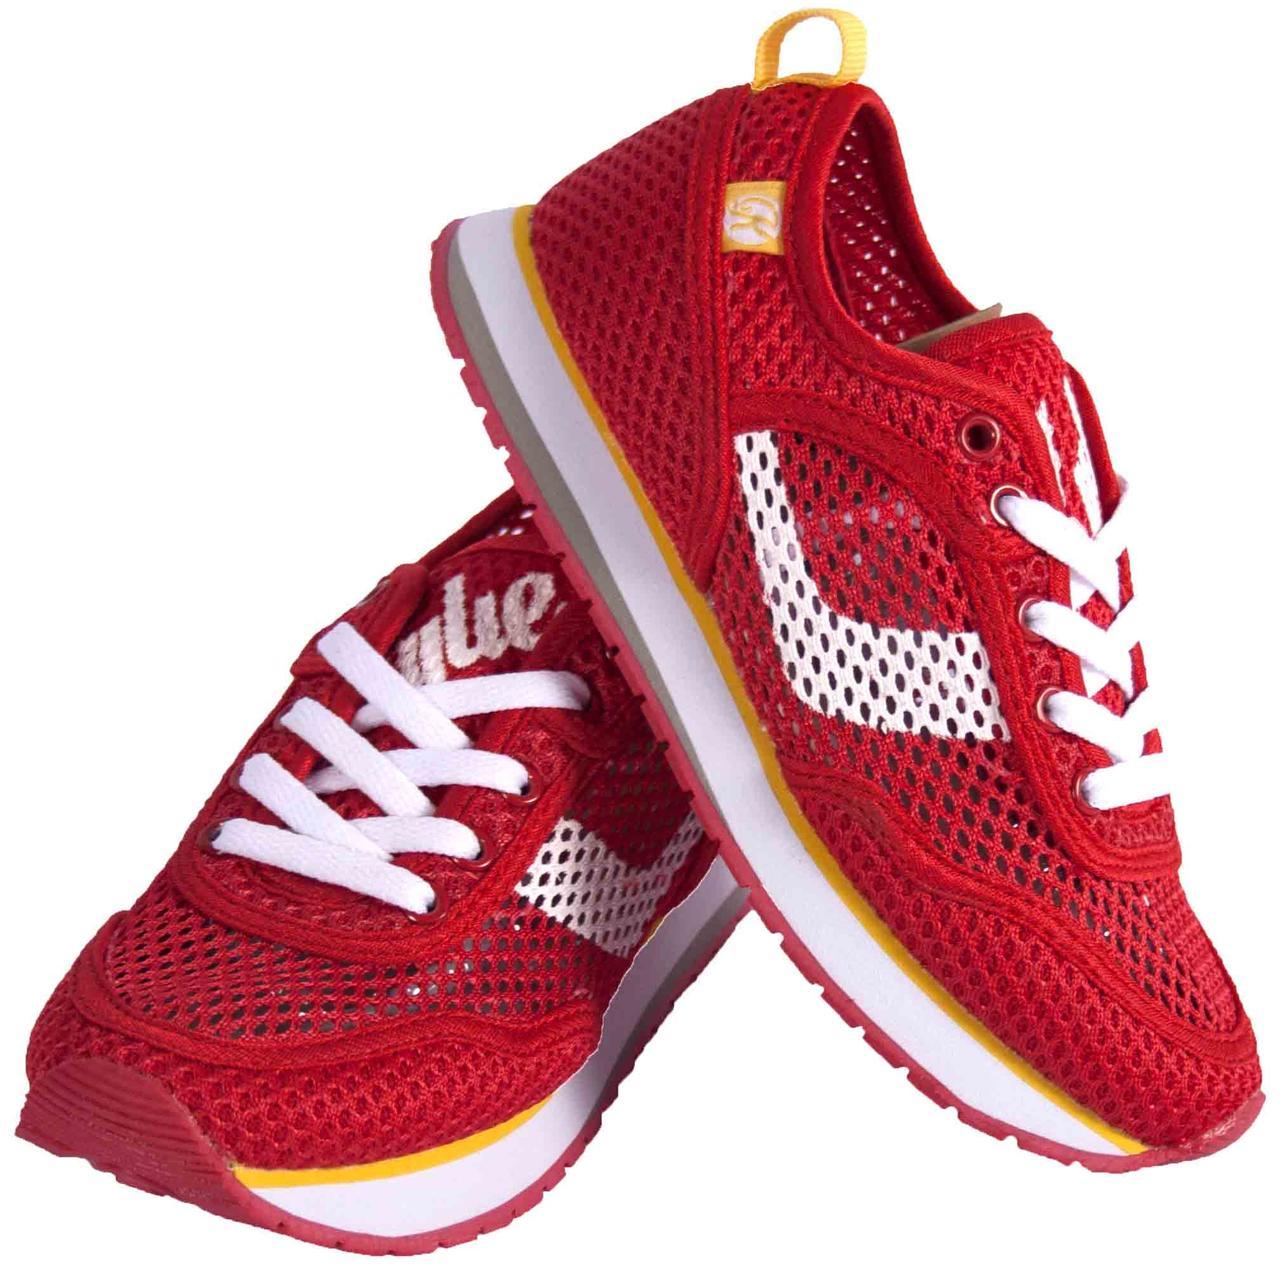 Дитячі кросівки для хлопчиків Kylie Crazy розміри 30-35